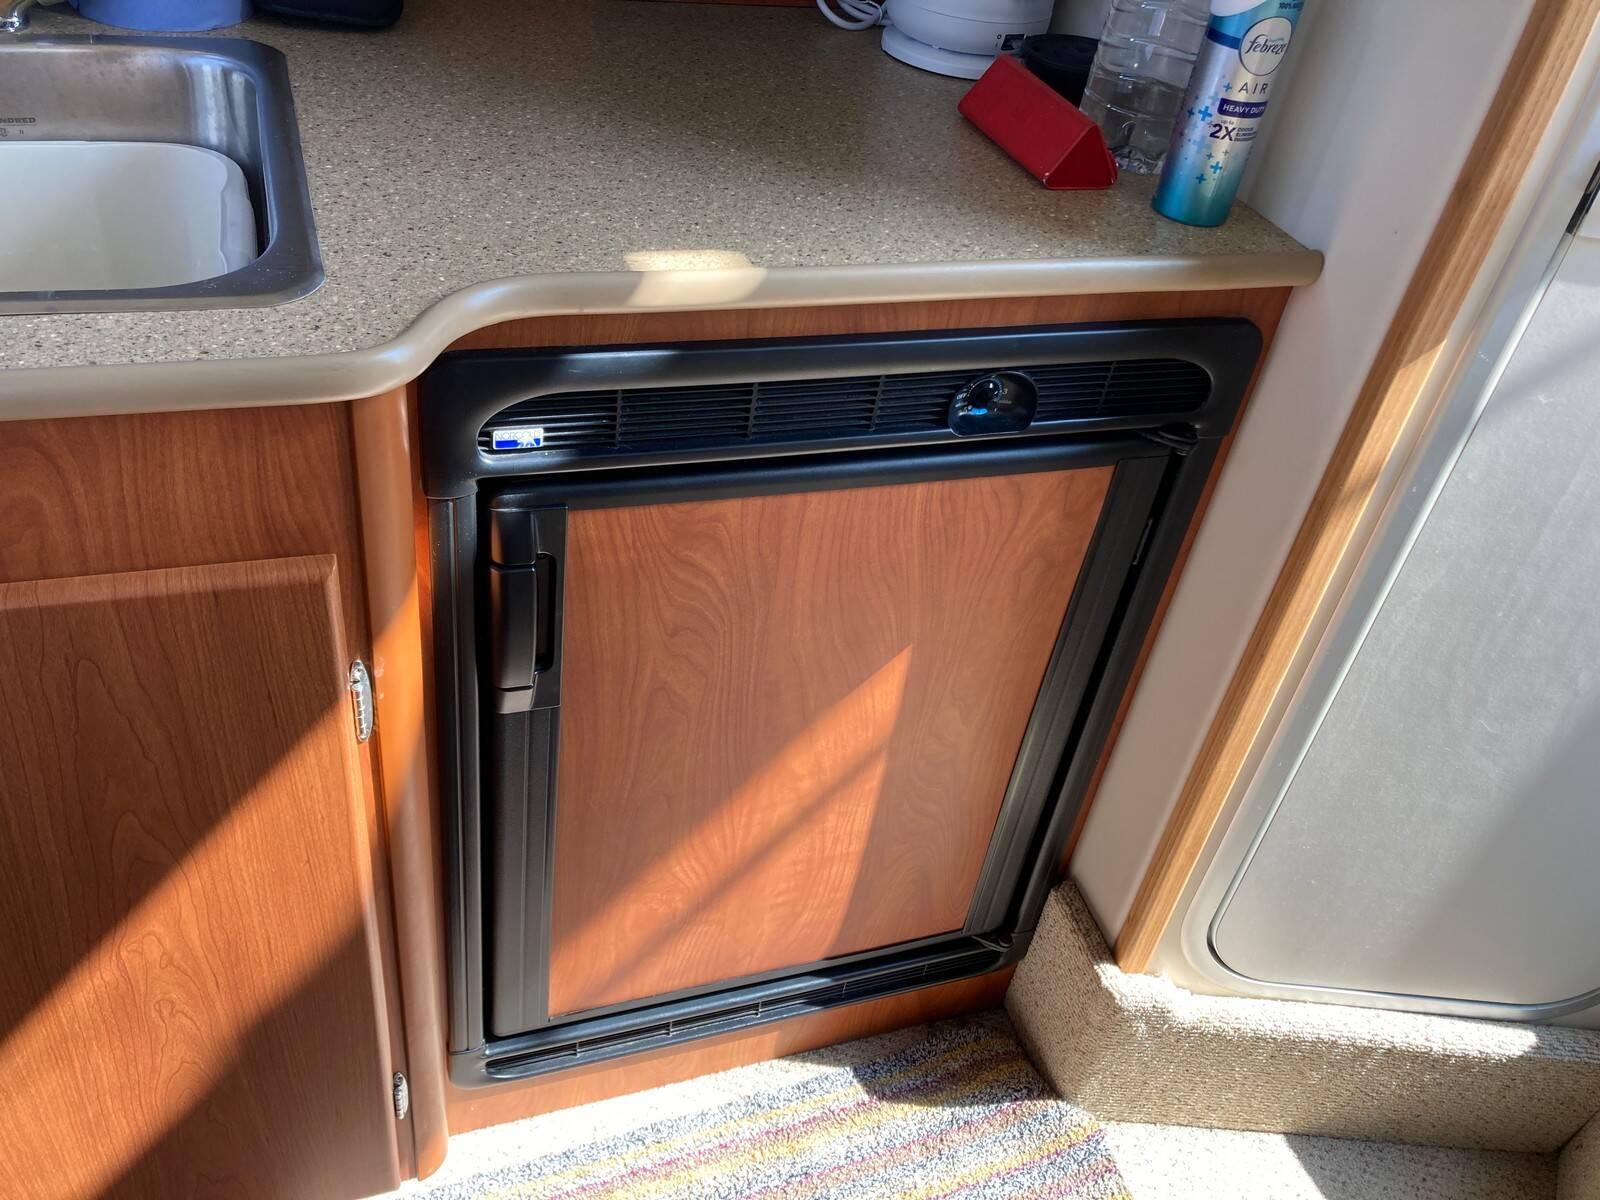 Bayliner 288 fridge